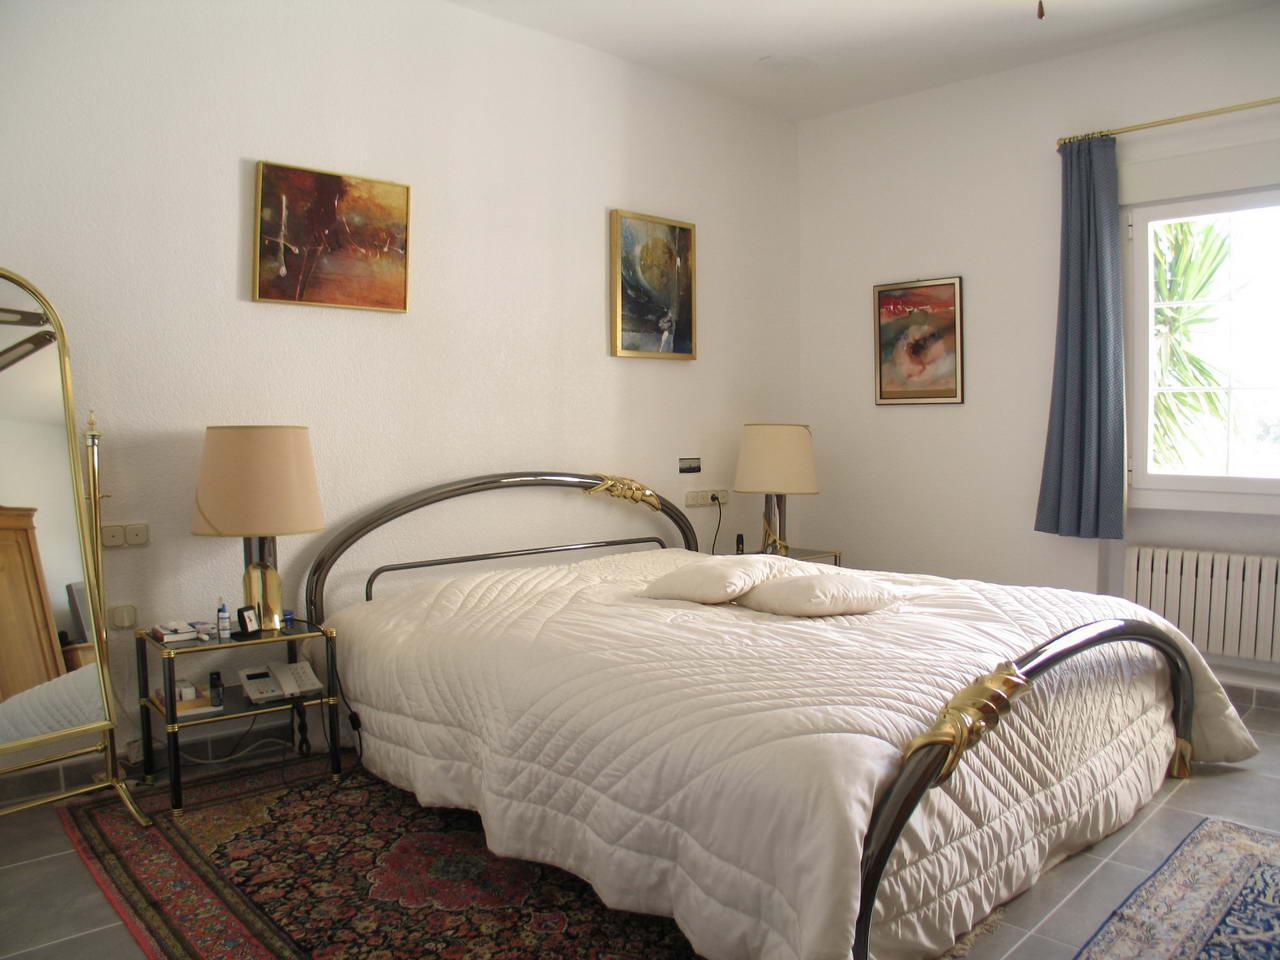 Nedvizhimost Ispanii, prodazha nedvizhimosti villa, Kosta-Blanka, La Nusia - N3055 - vikmar-realty.ru